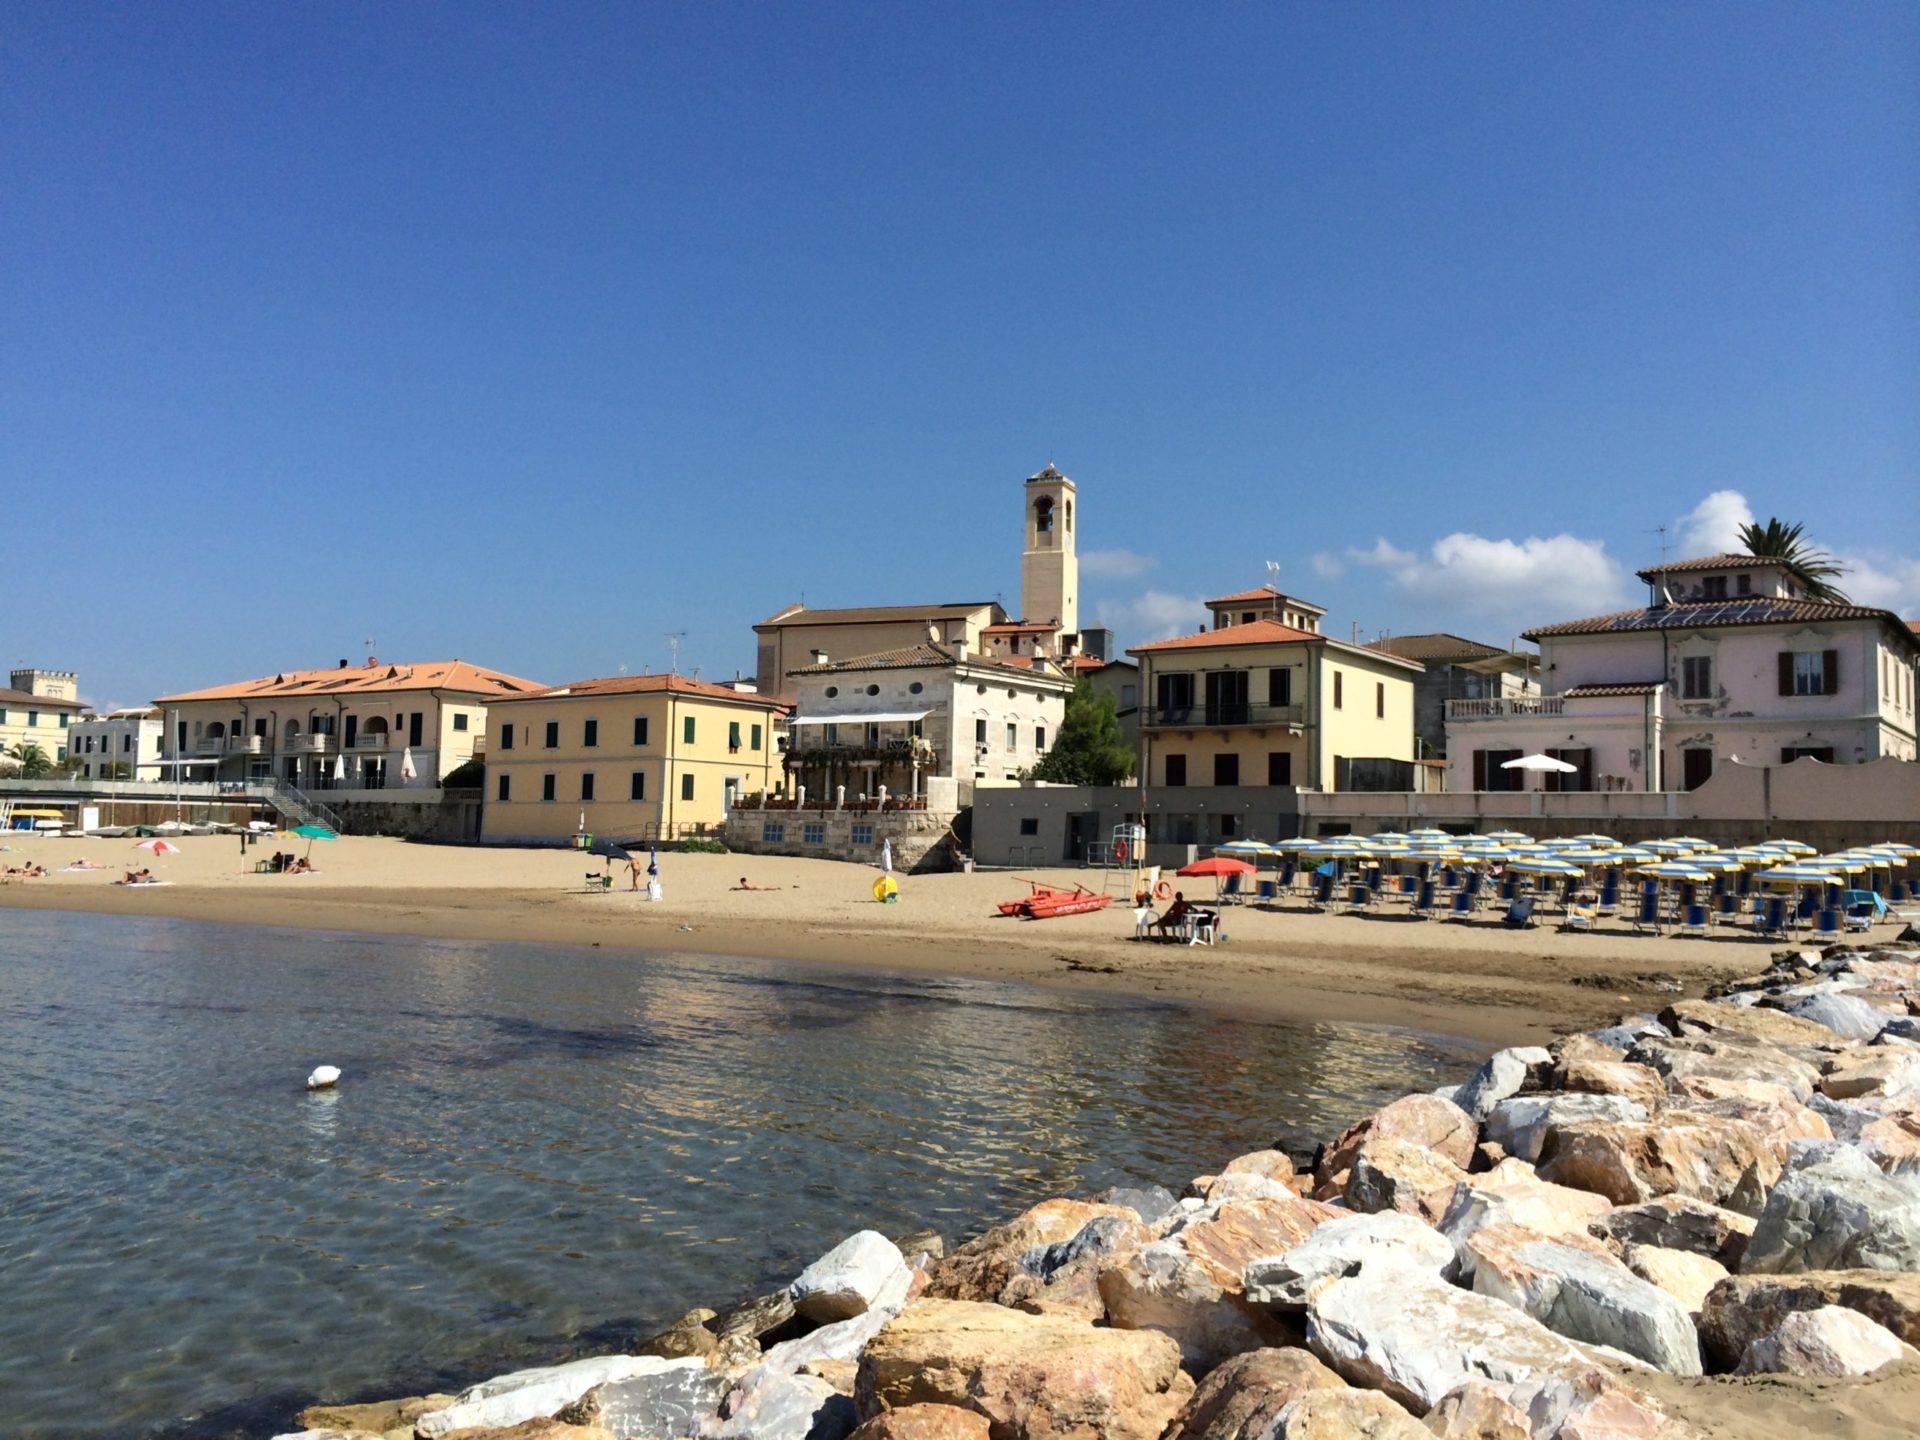 Wassertemperatur Toskana: Badestrand mit Kirche von San Vincenzo an der Etruskerküste